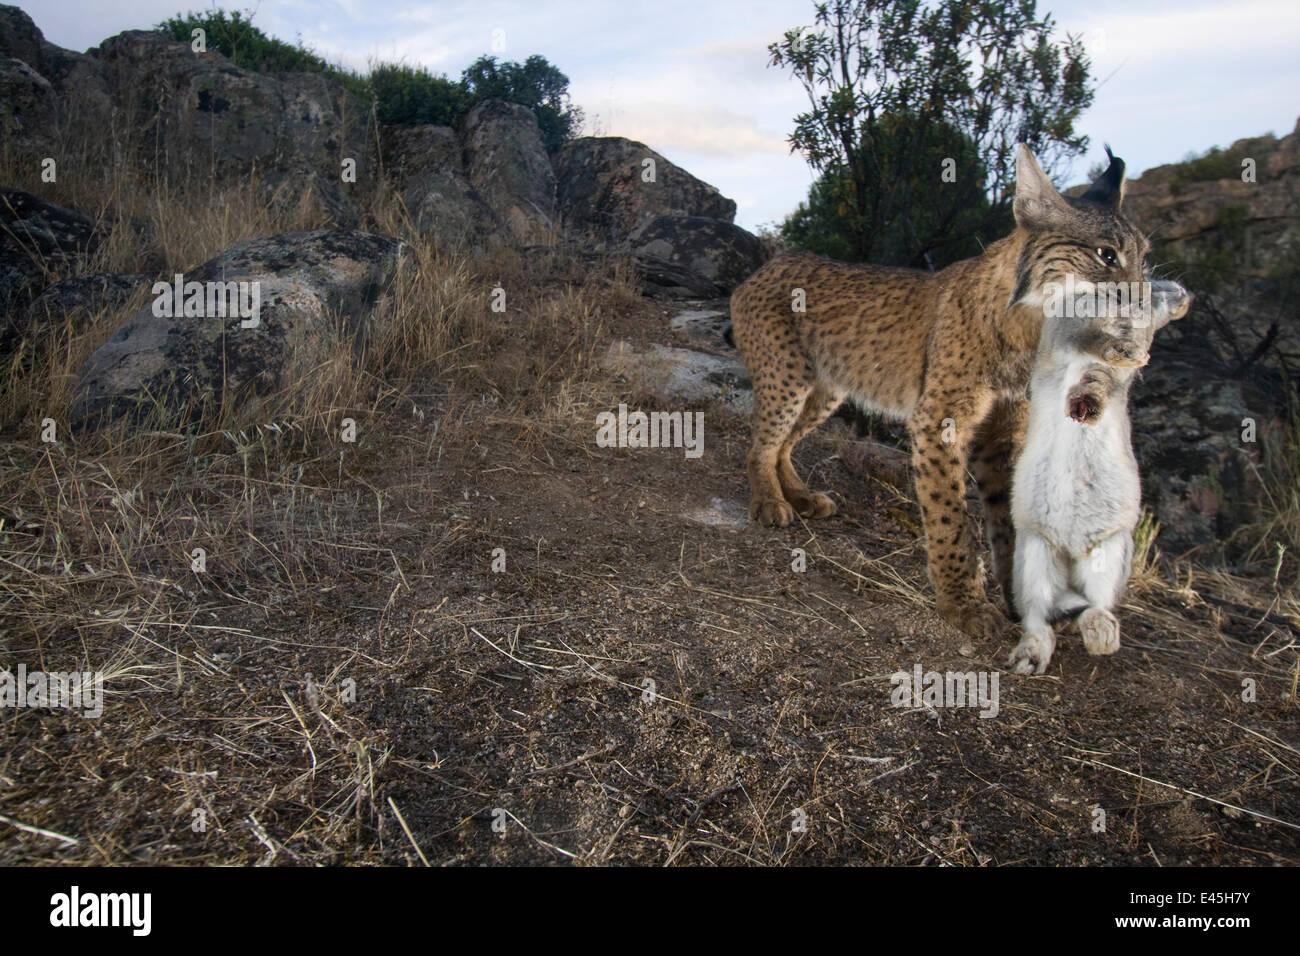 Wild el lince ibérico (Lynx pardinus) macho llevando conejo presa, Parque Natural Sierra de Andújar, bosque mediterráneo de Sierra Morena, al noreste de la provincia de Jaén, en Andalucía, España, en mayo de 2009, en peligro crítico de extinción Foto de stock